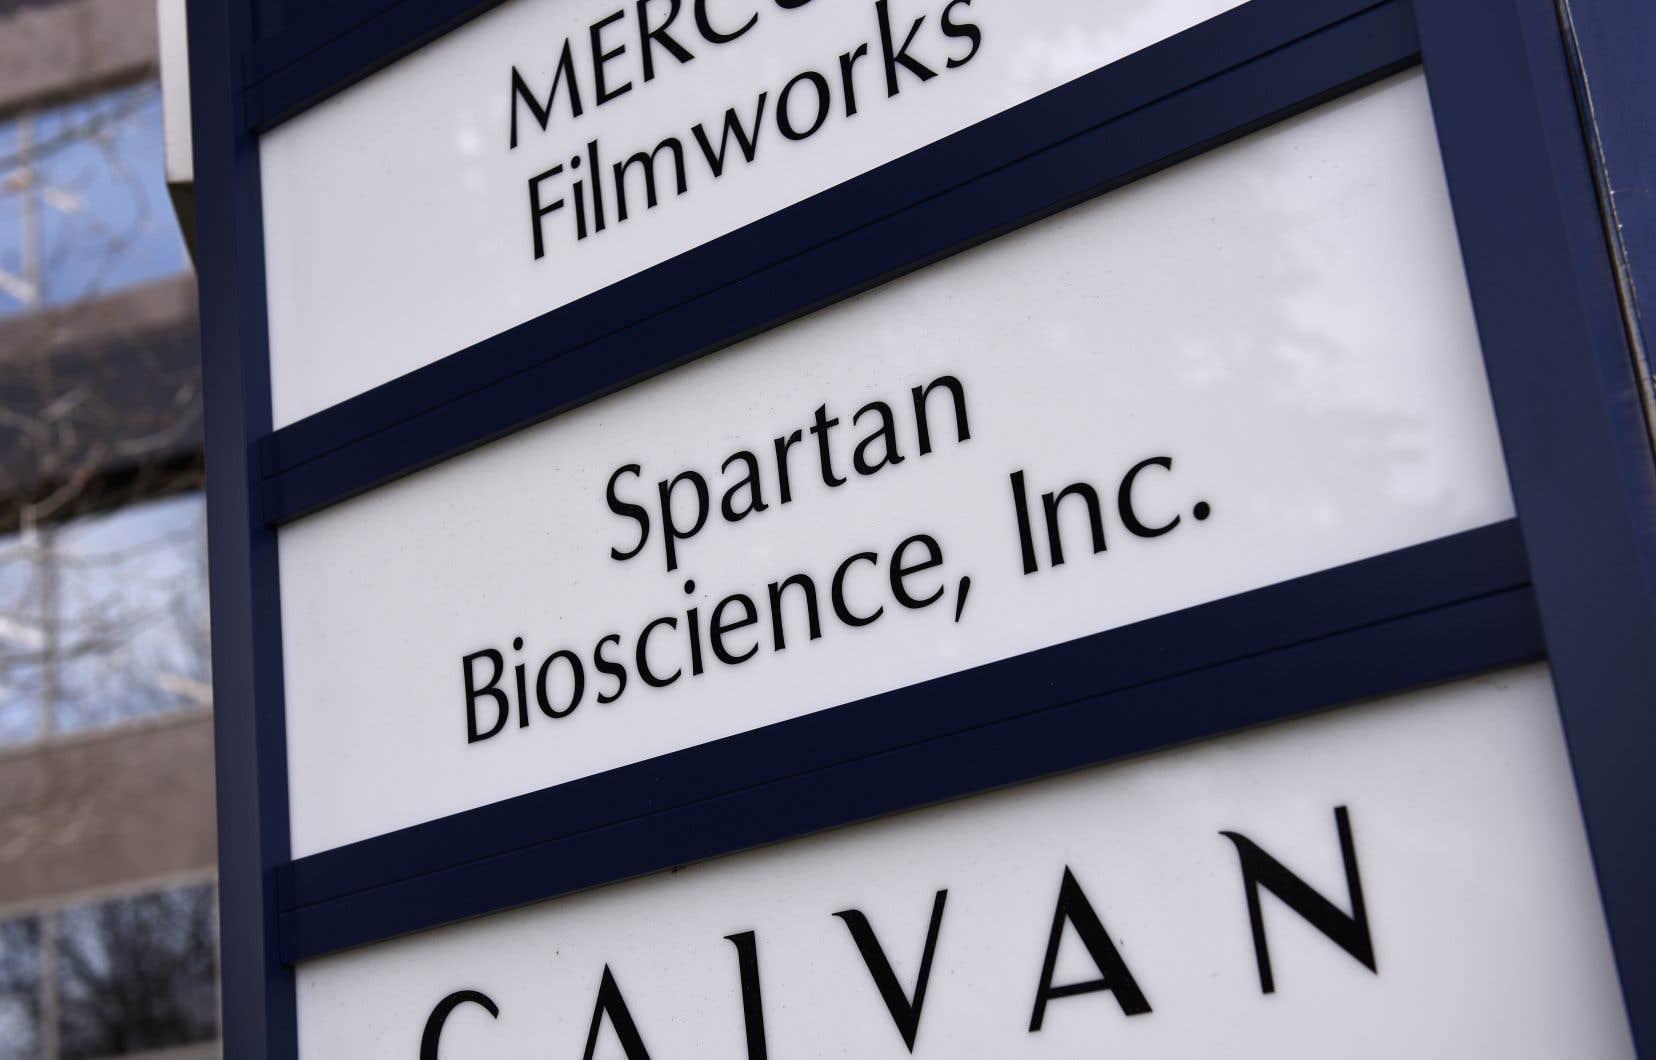 Selon Spartan, il s'agit du «premier vrai test de dépistage de la COVID-19 PCR mobile et rapide destiné au marché canadien».